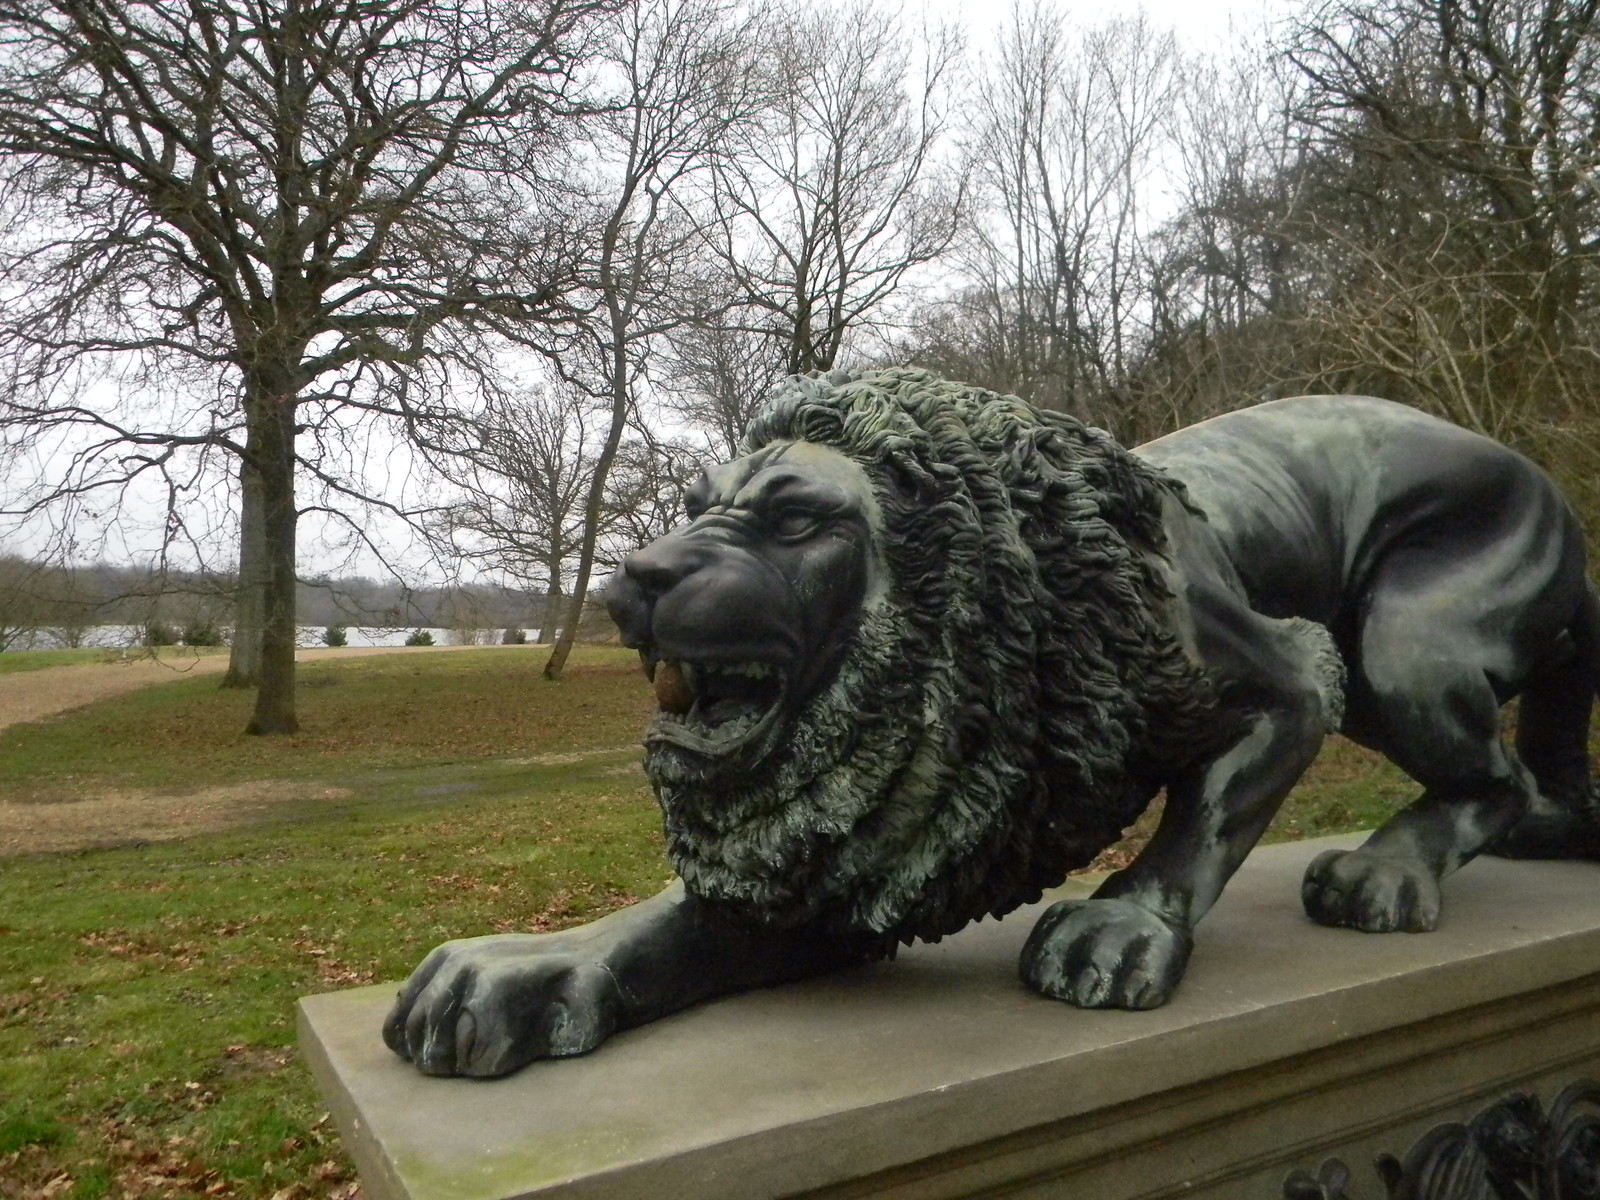 Snarling lion, nr Dogmersfield Park Winchfield Circular